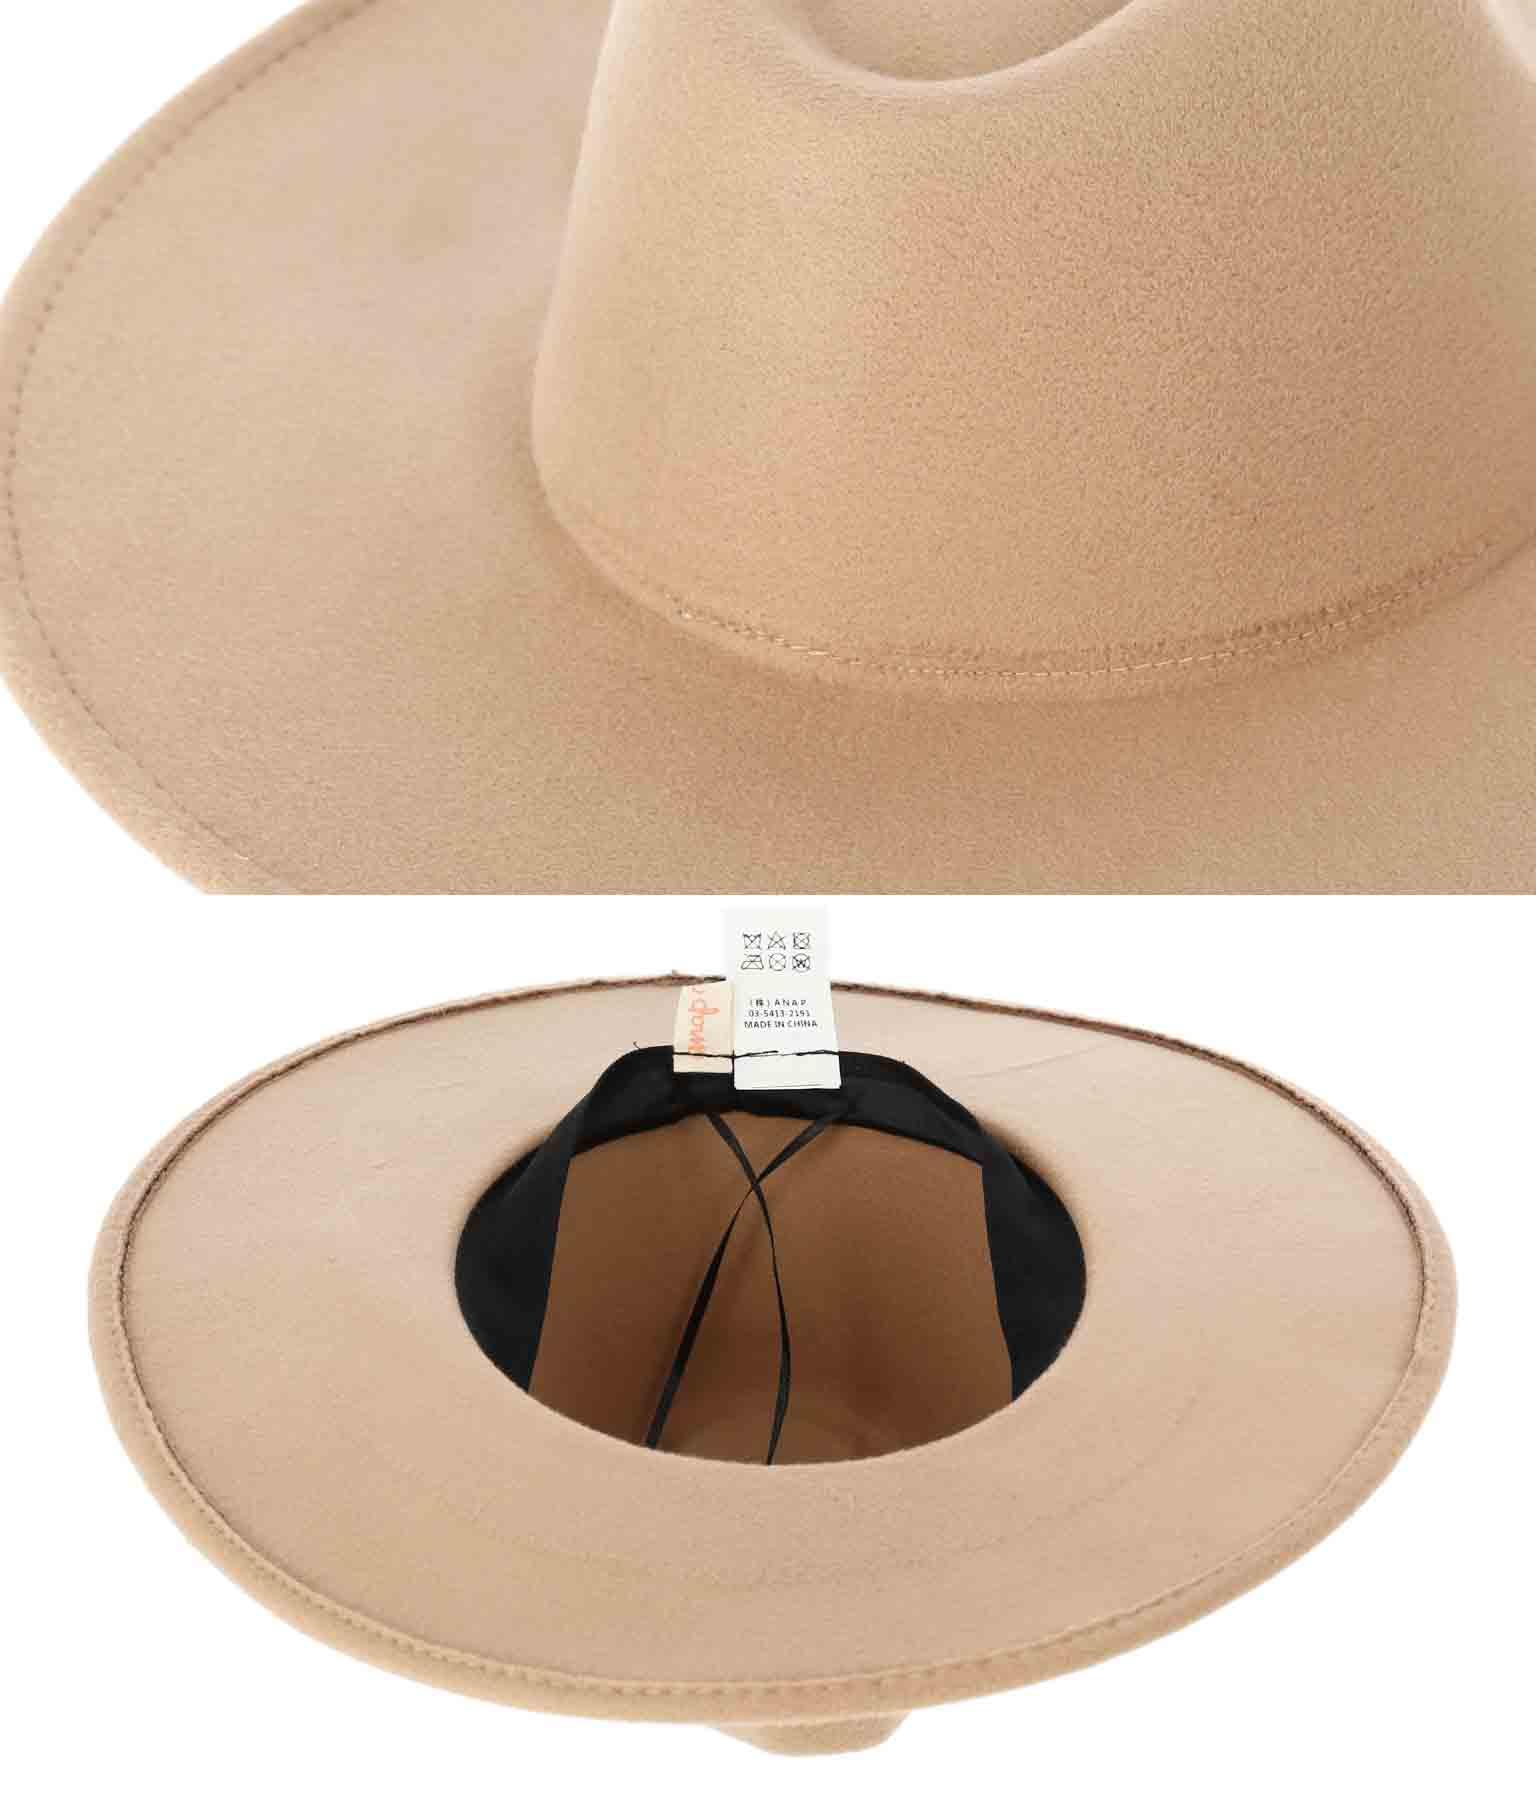 つば広中折れハット(ファッション雑貨/ハット・キャップ・ニット帽 ・キャスケット・ベレー帽) | anap mimpi